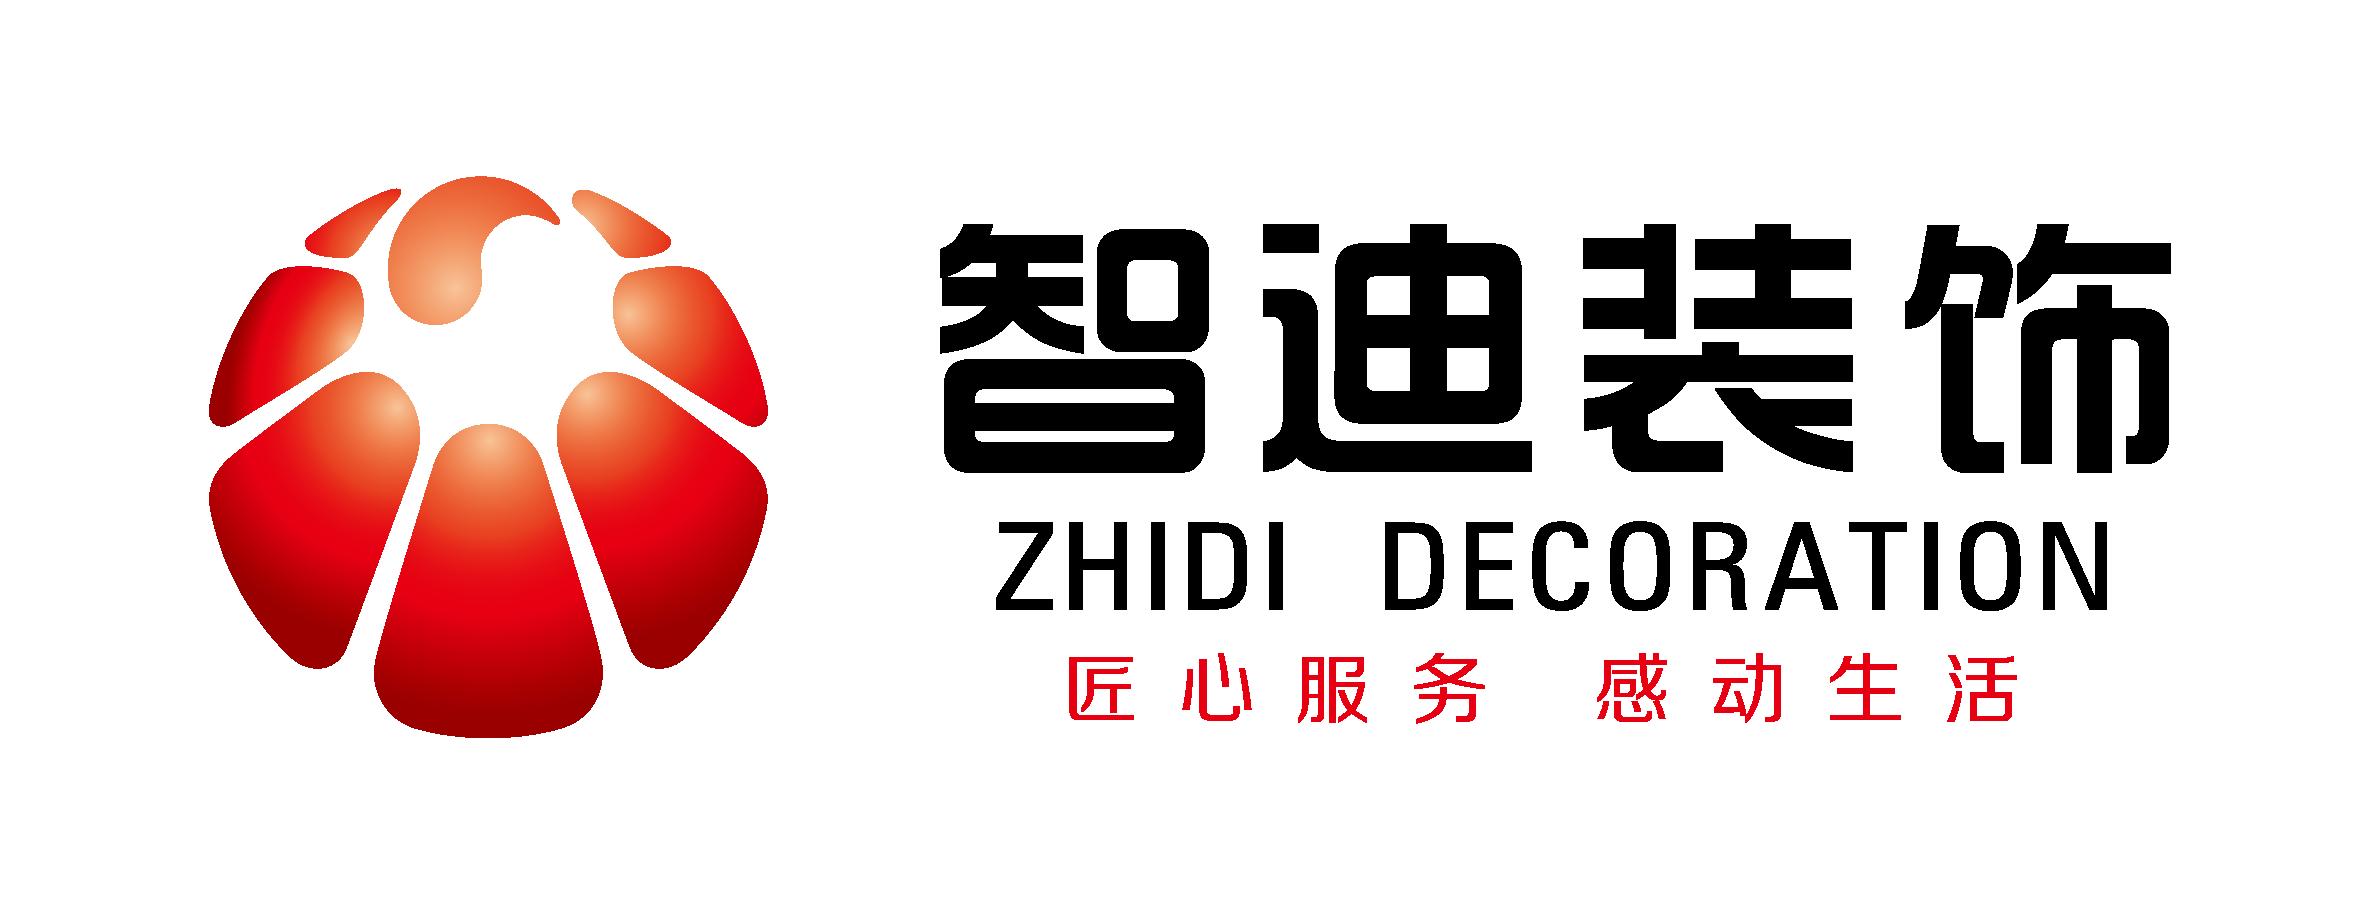 杭州智迪装饰公司